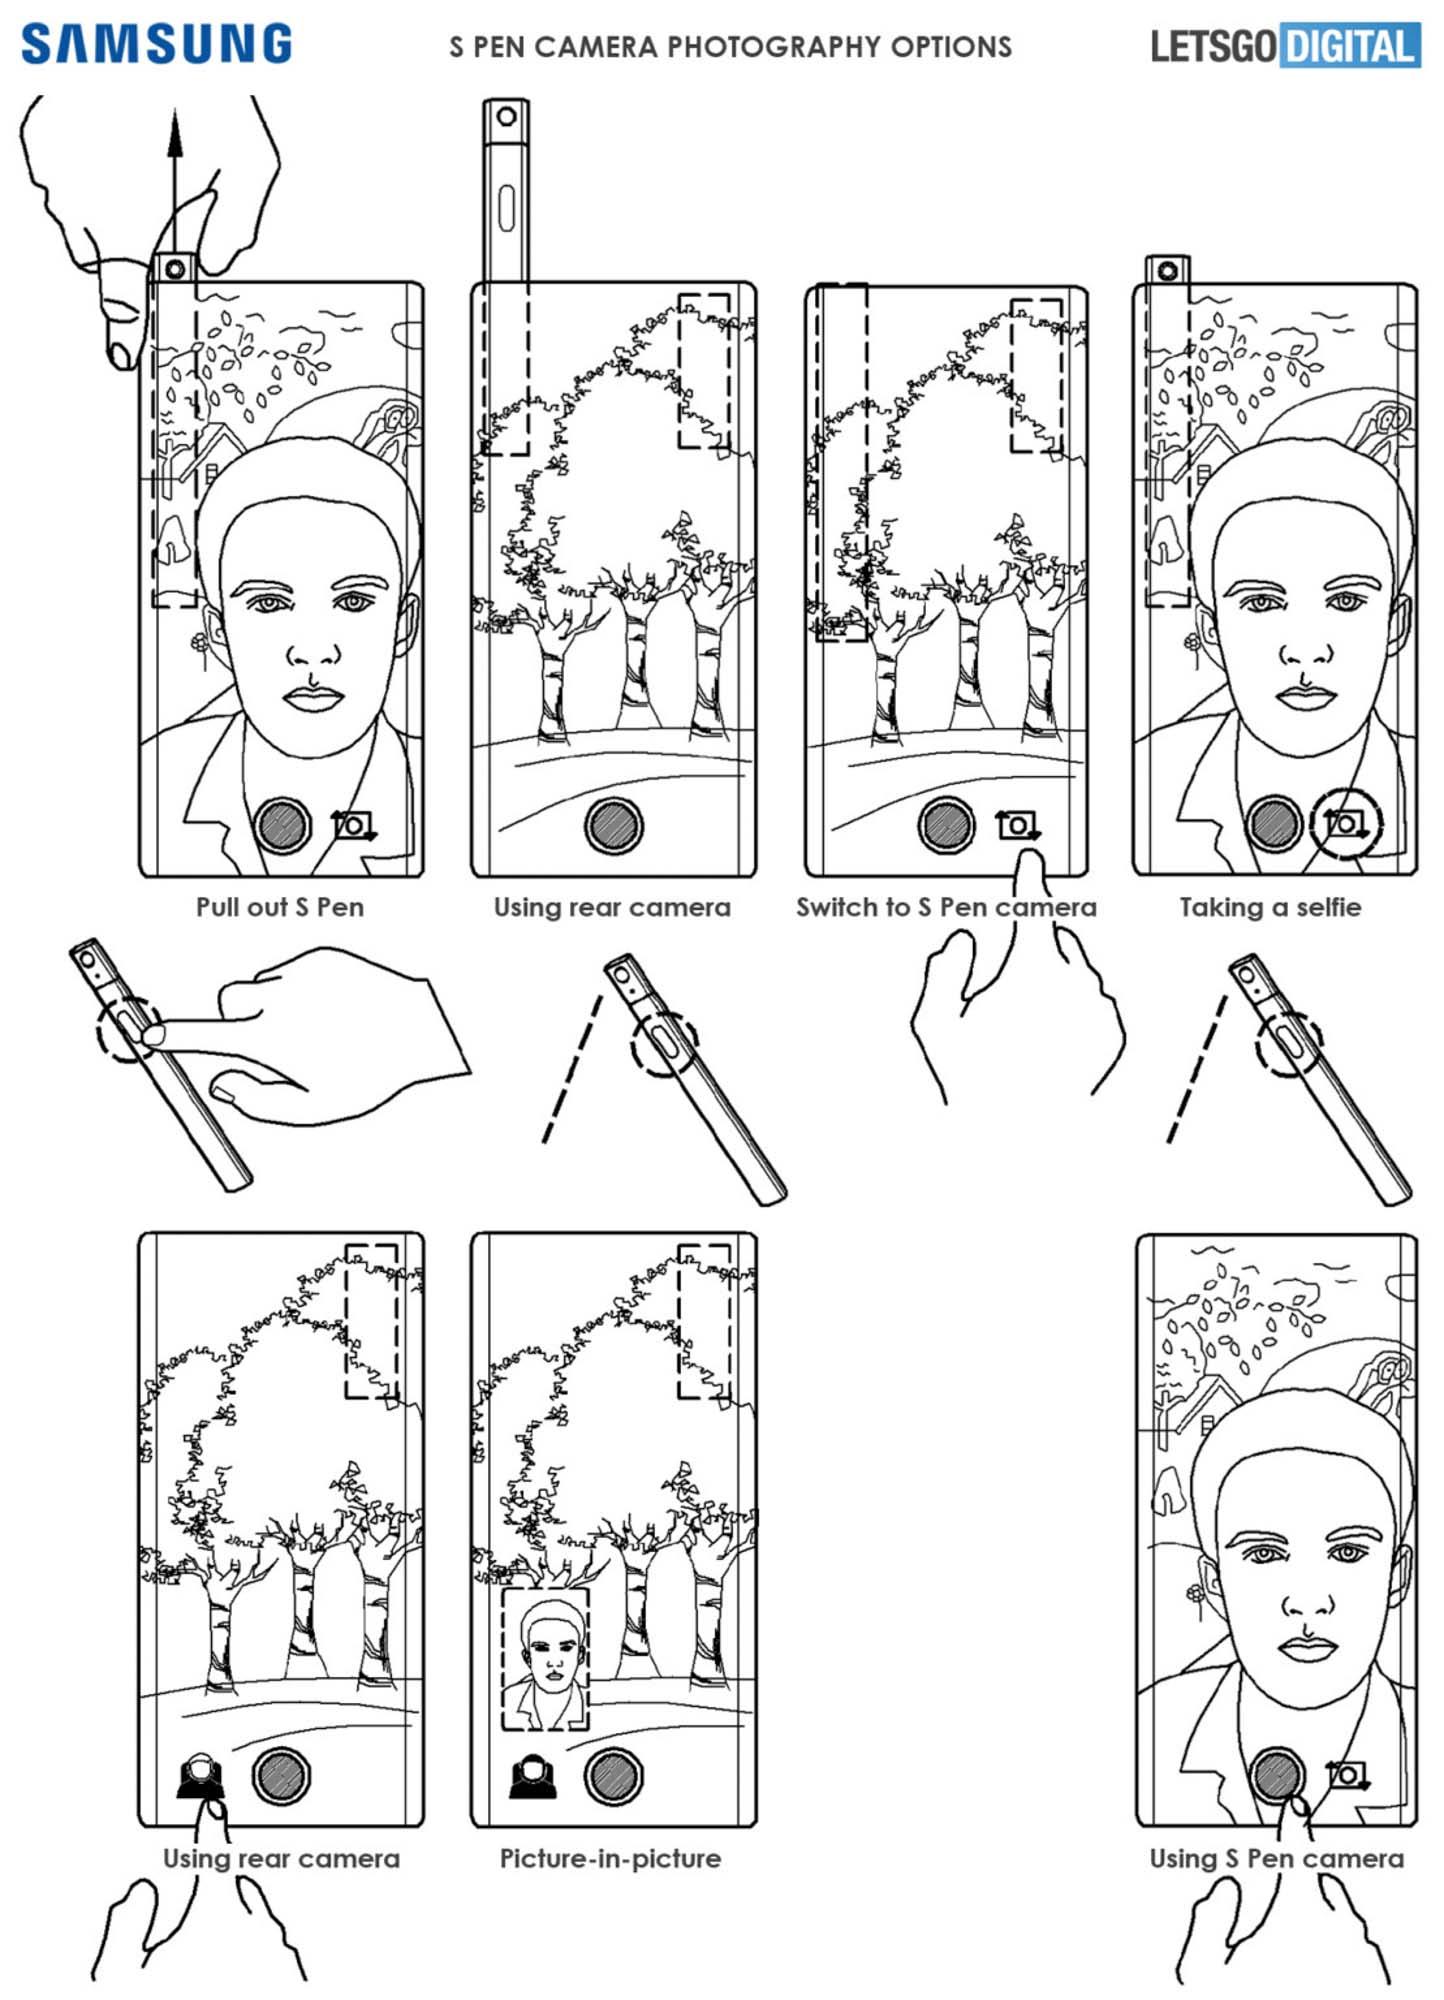 Samsung brevetto fotocamera S Pen